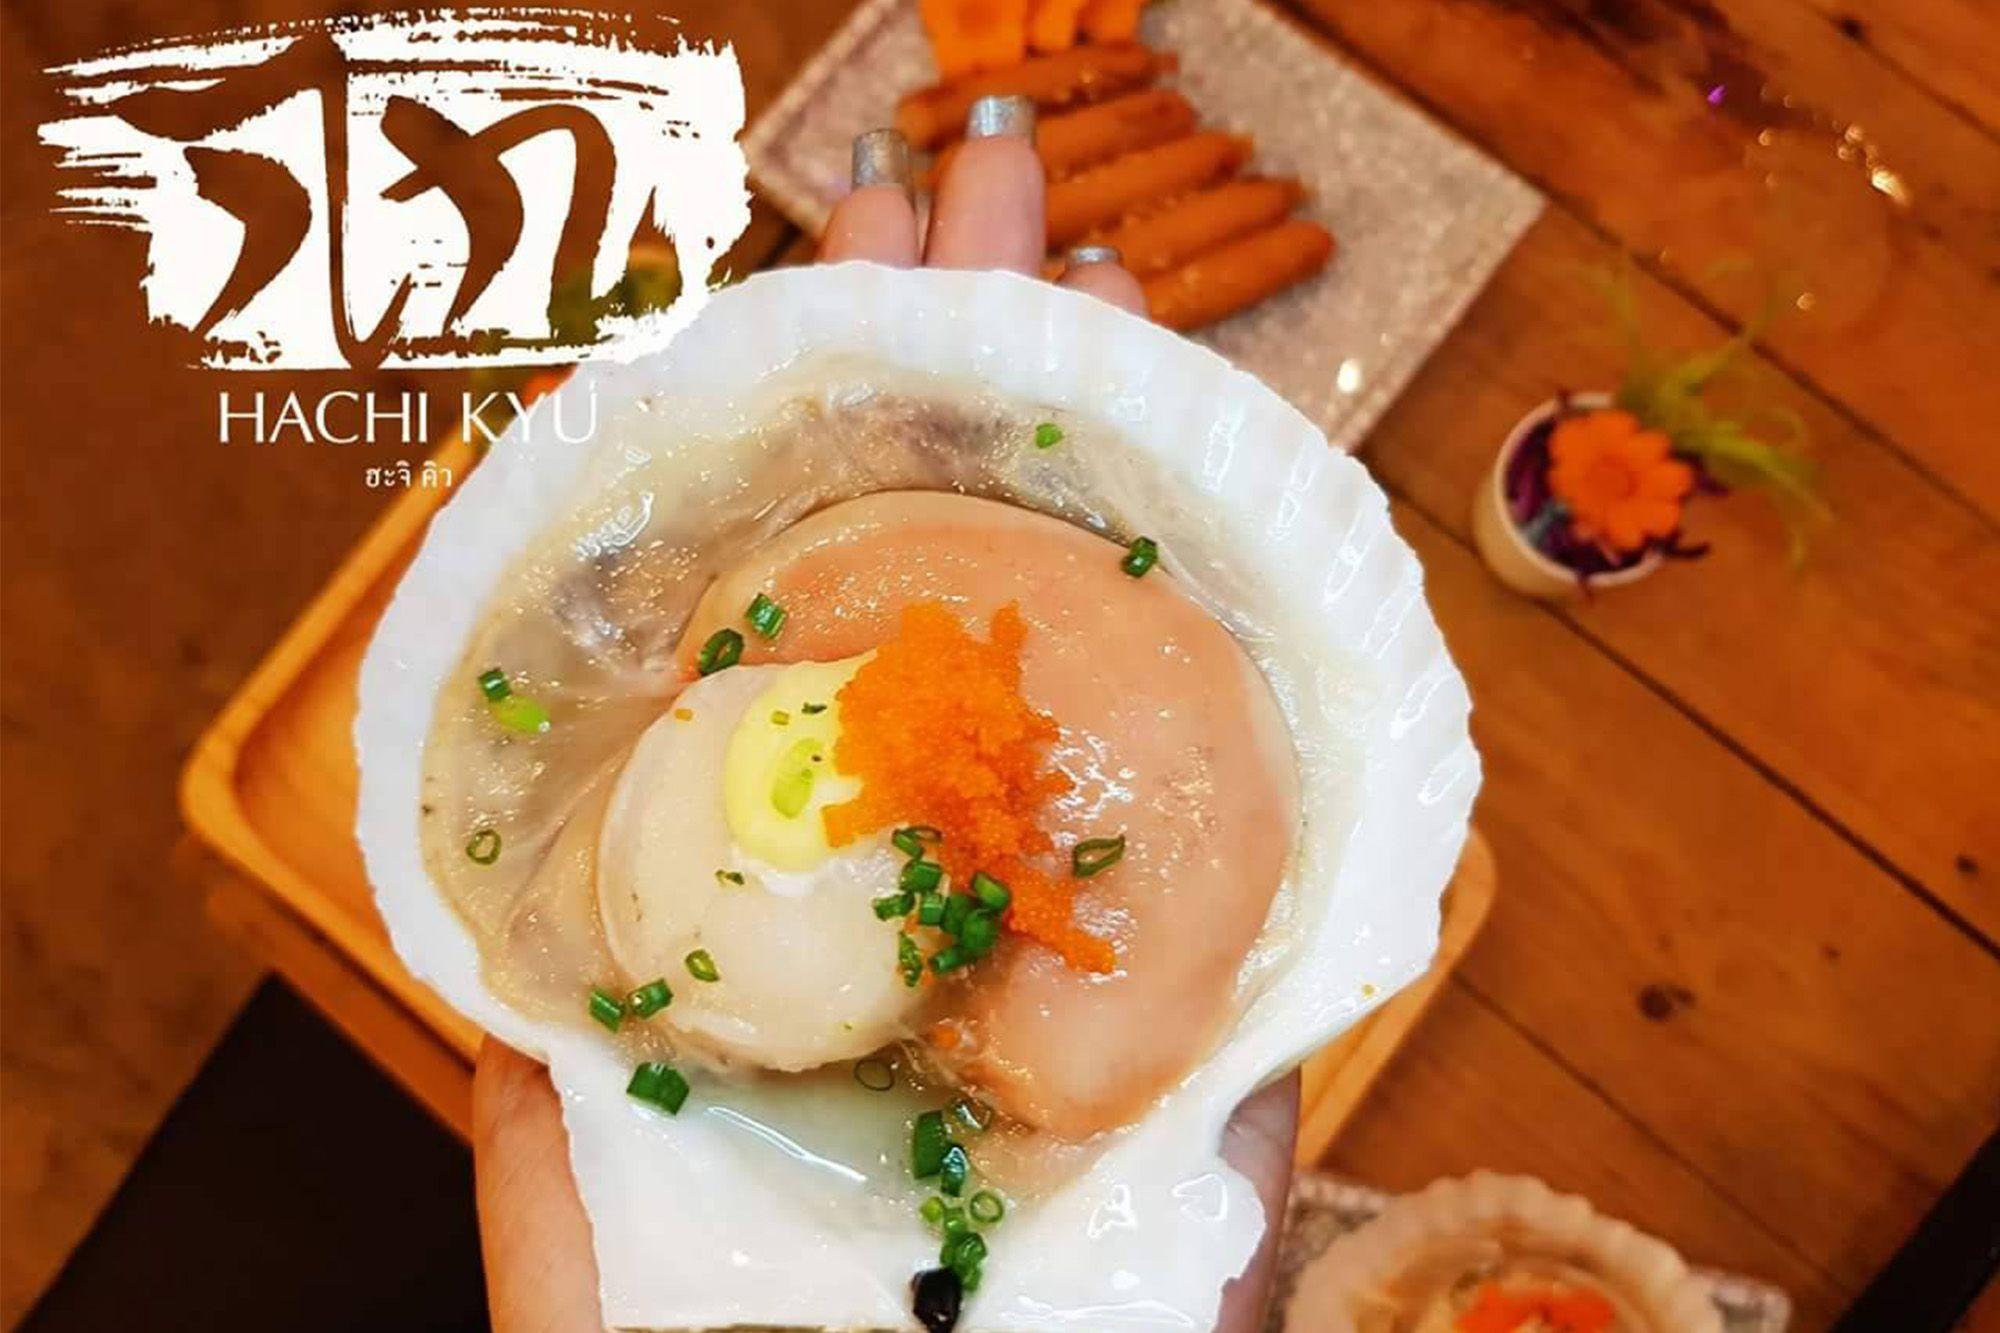 八九燒肉居酒屋 HACHI KYU A5級薩摩和牛 曼谷 居酒屋 吞武里 居酒屋